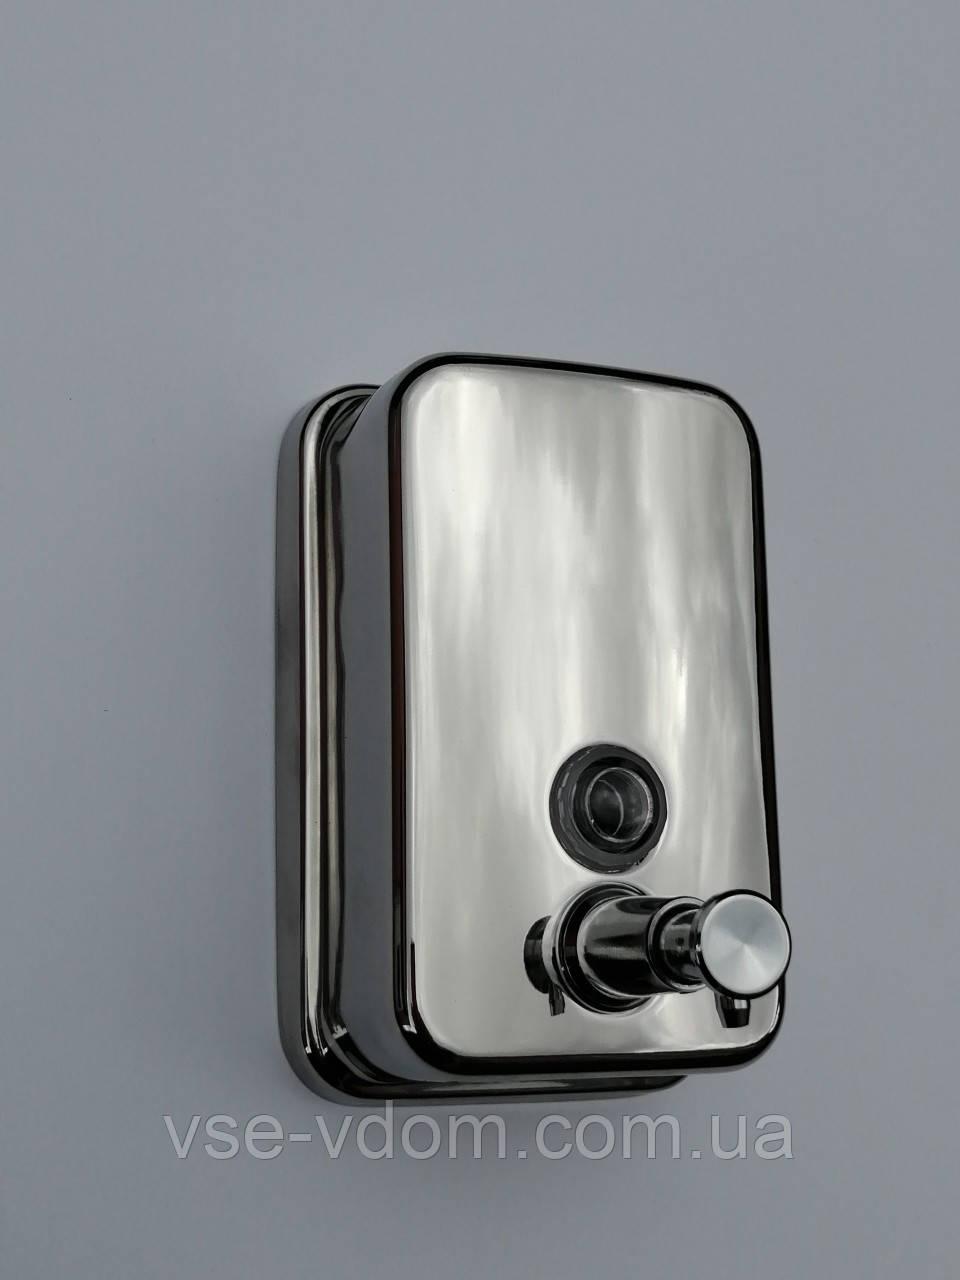 Диспенсер для жидкого мыла нержавейка 500 мл.